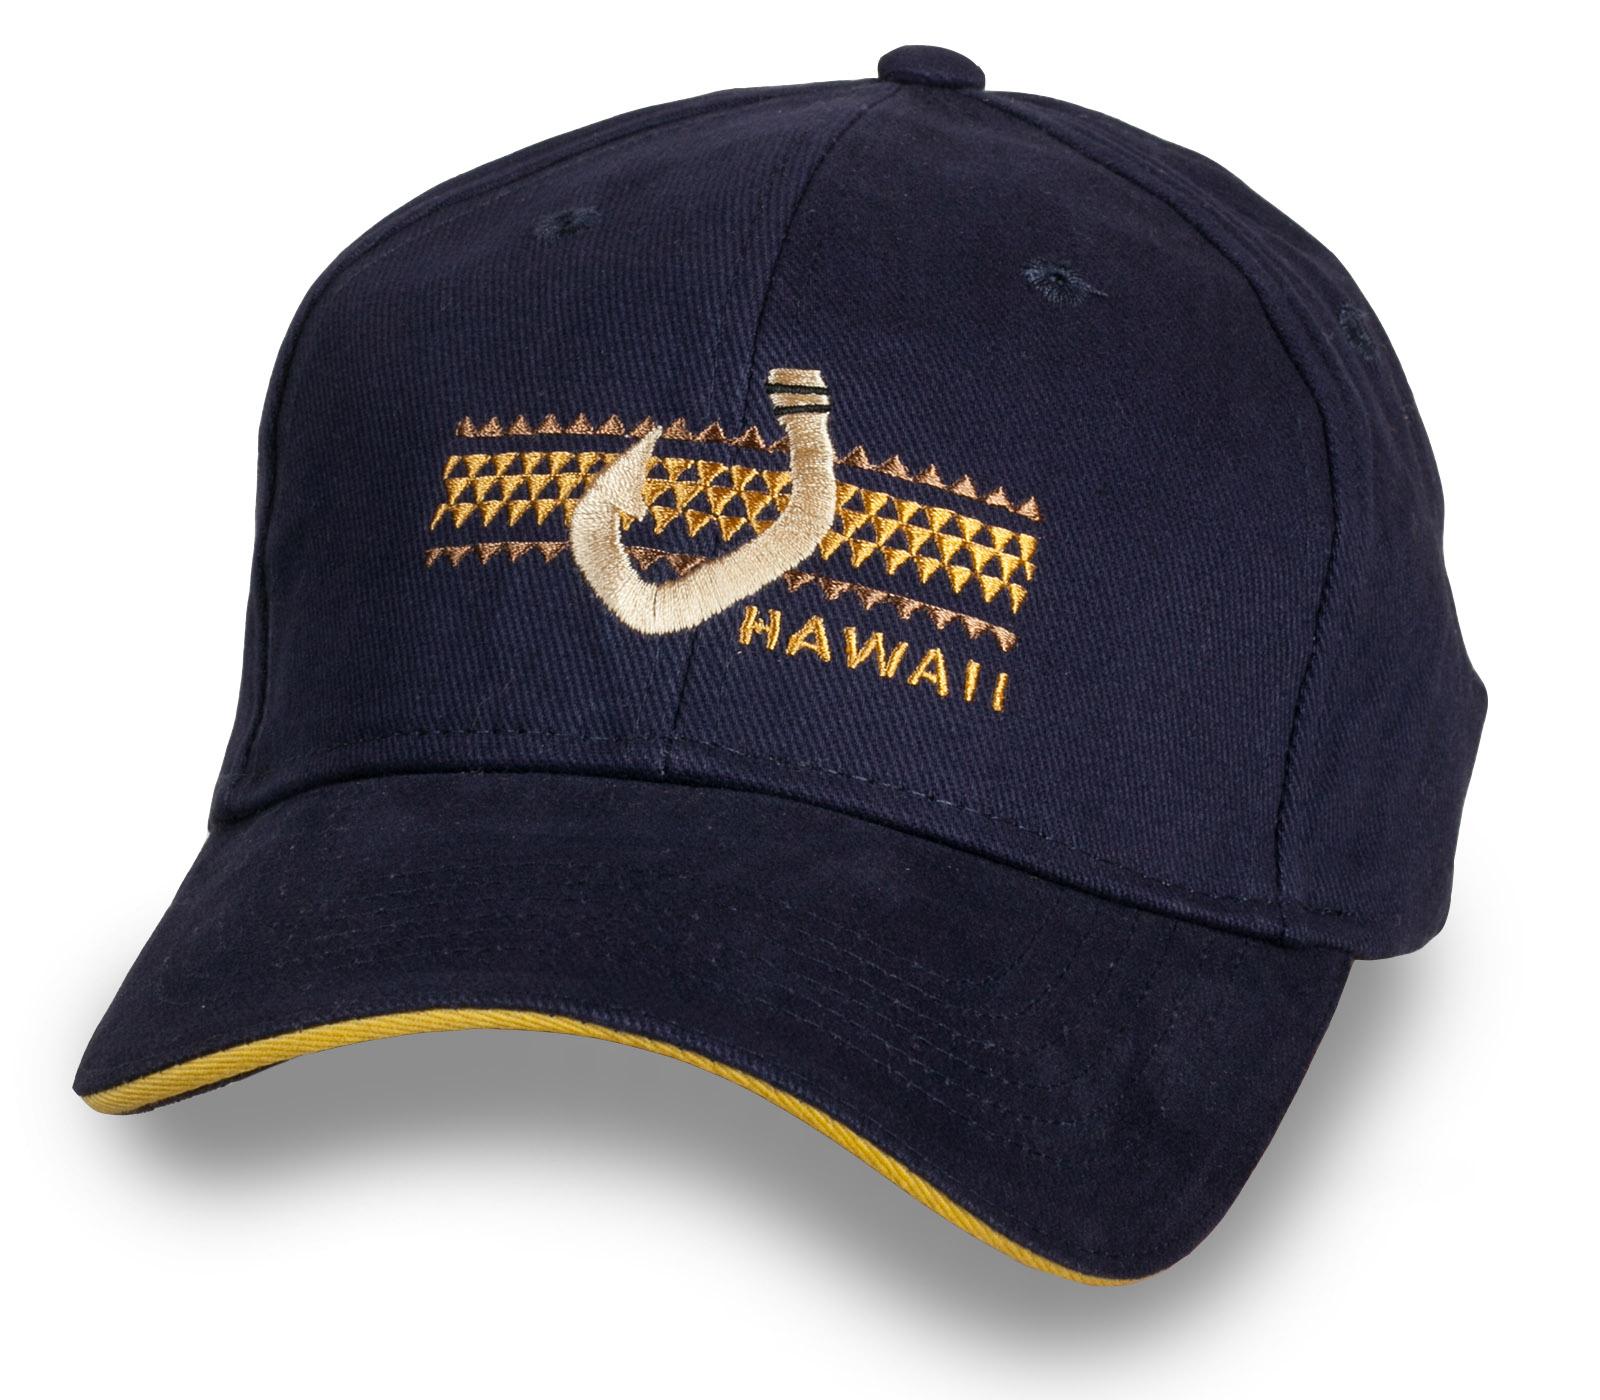 Привлекательная мужская бейсболка Hawaii